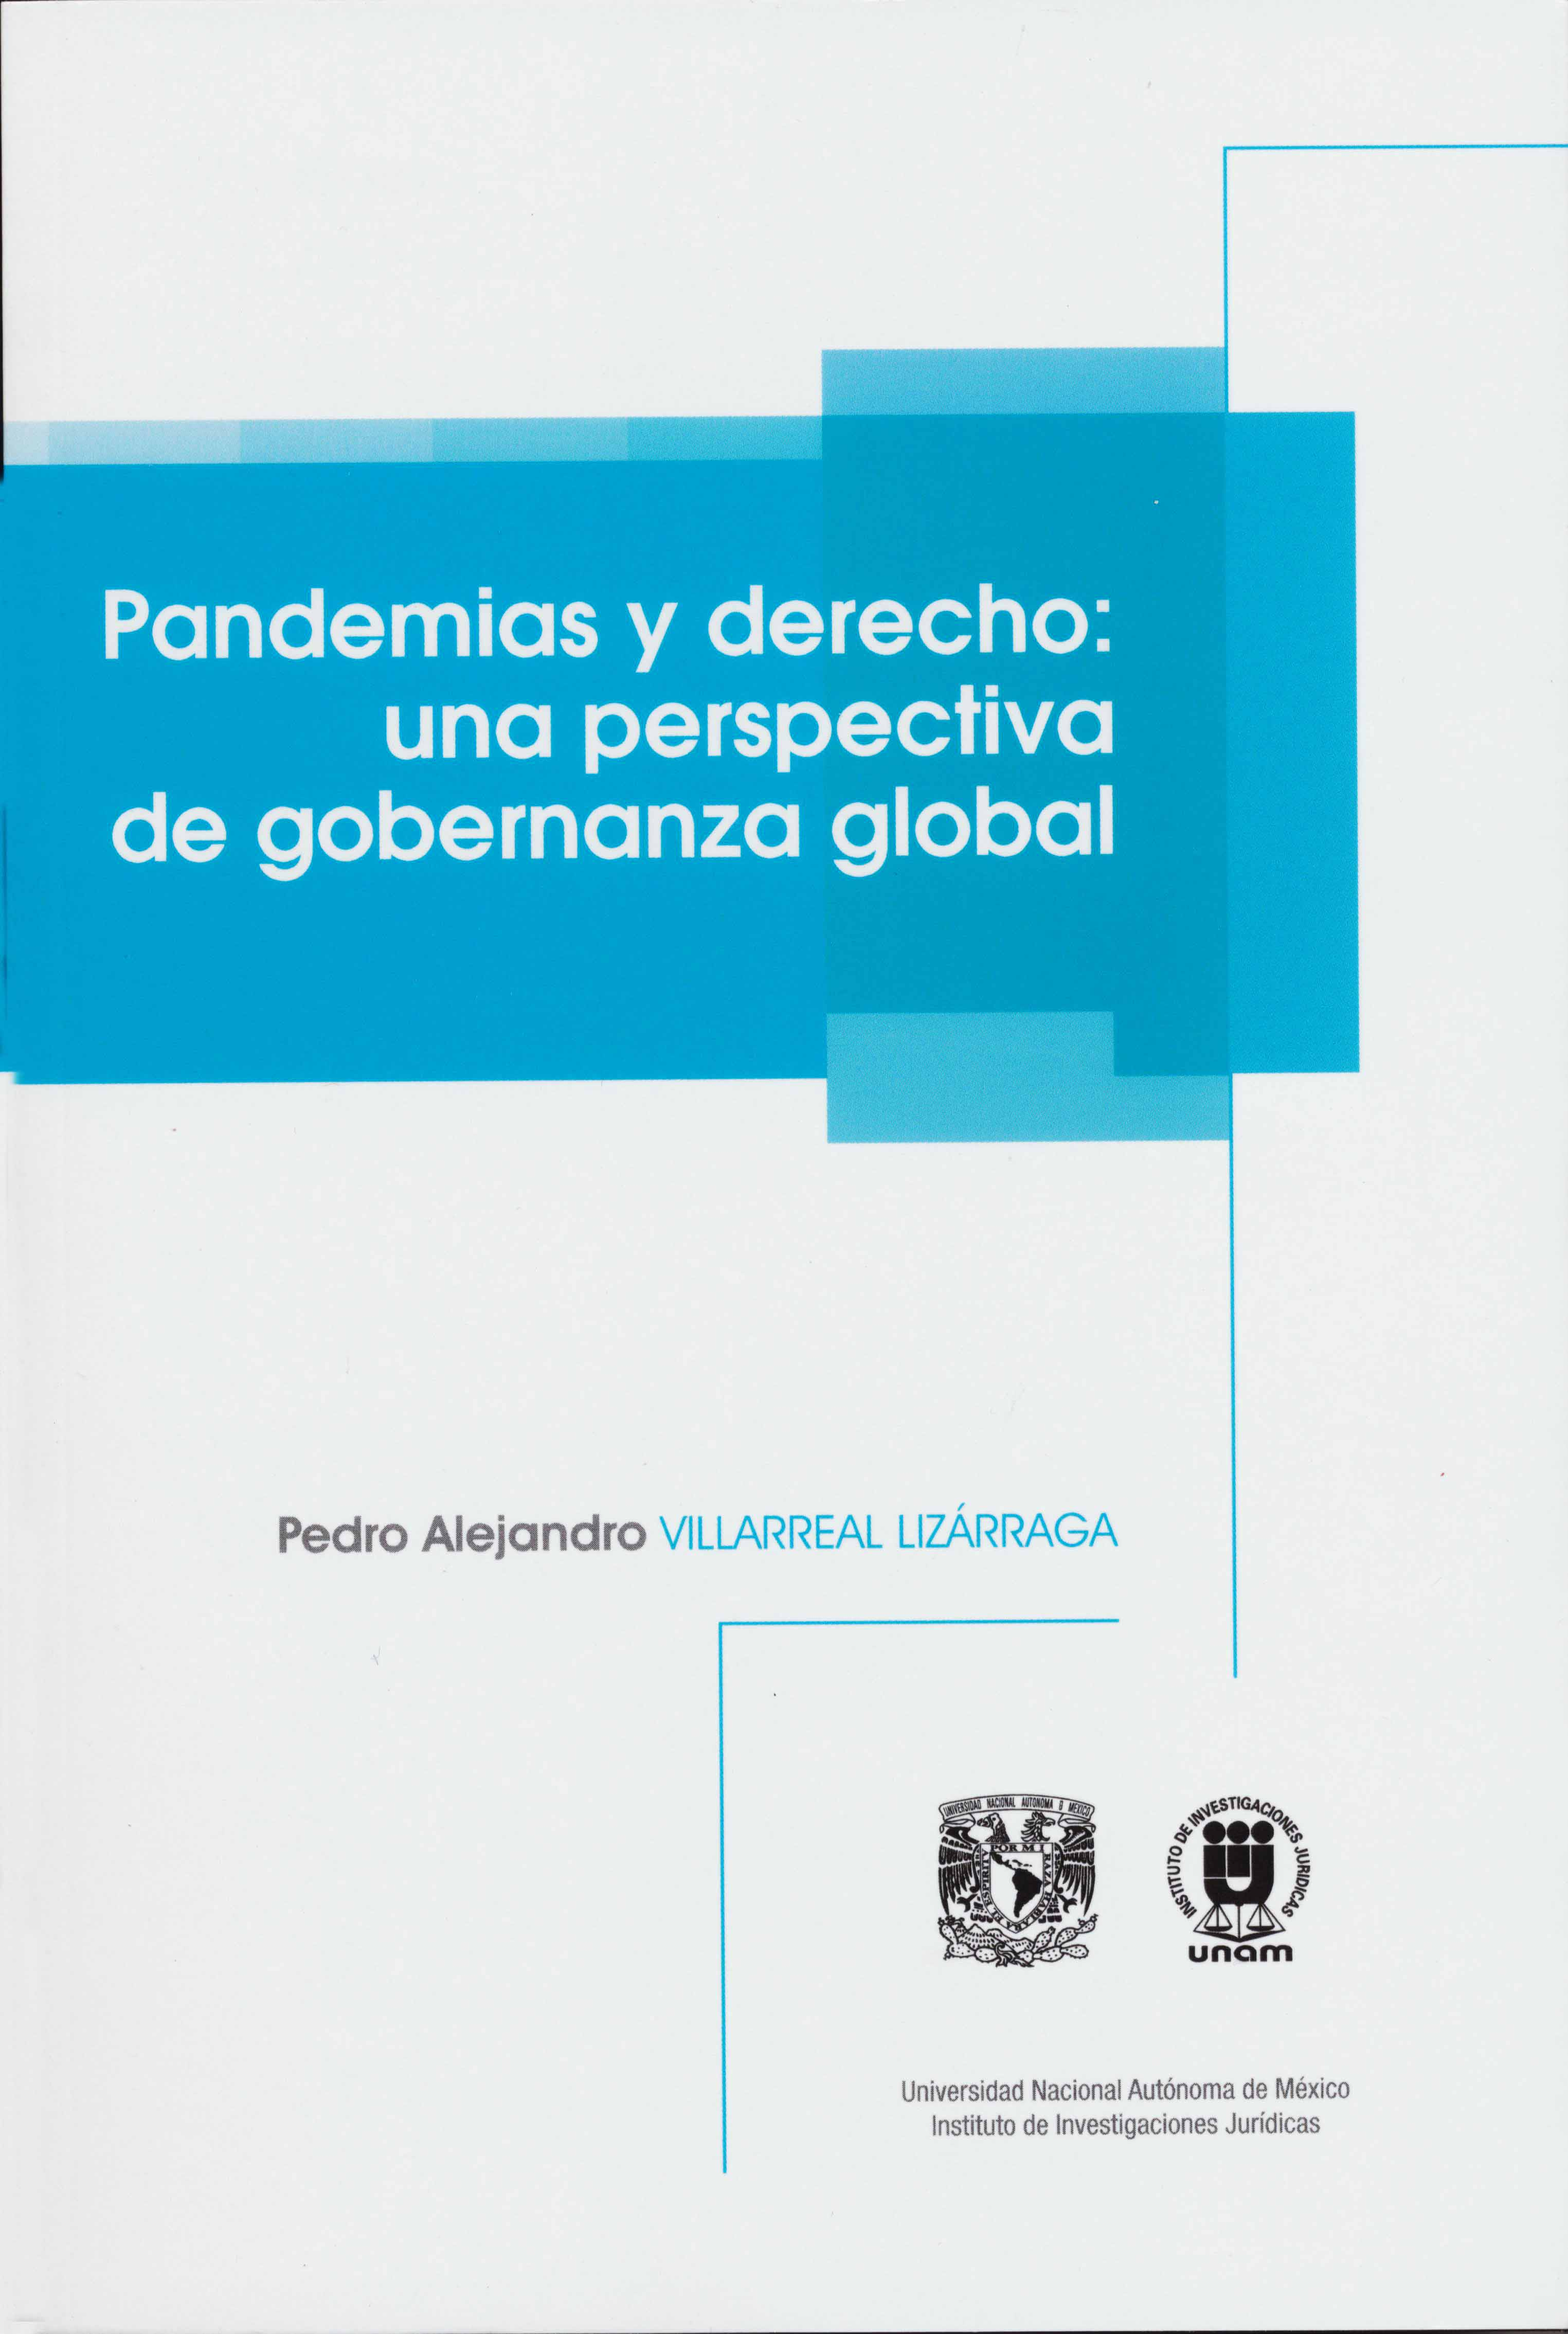 Pandemias y derecho: una perspectiva de gobernanza global